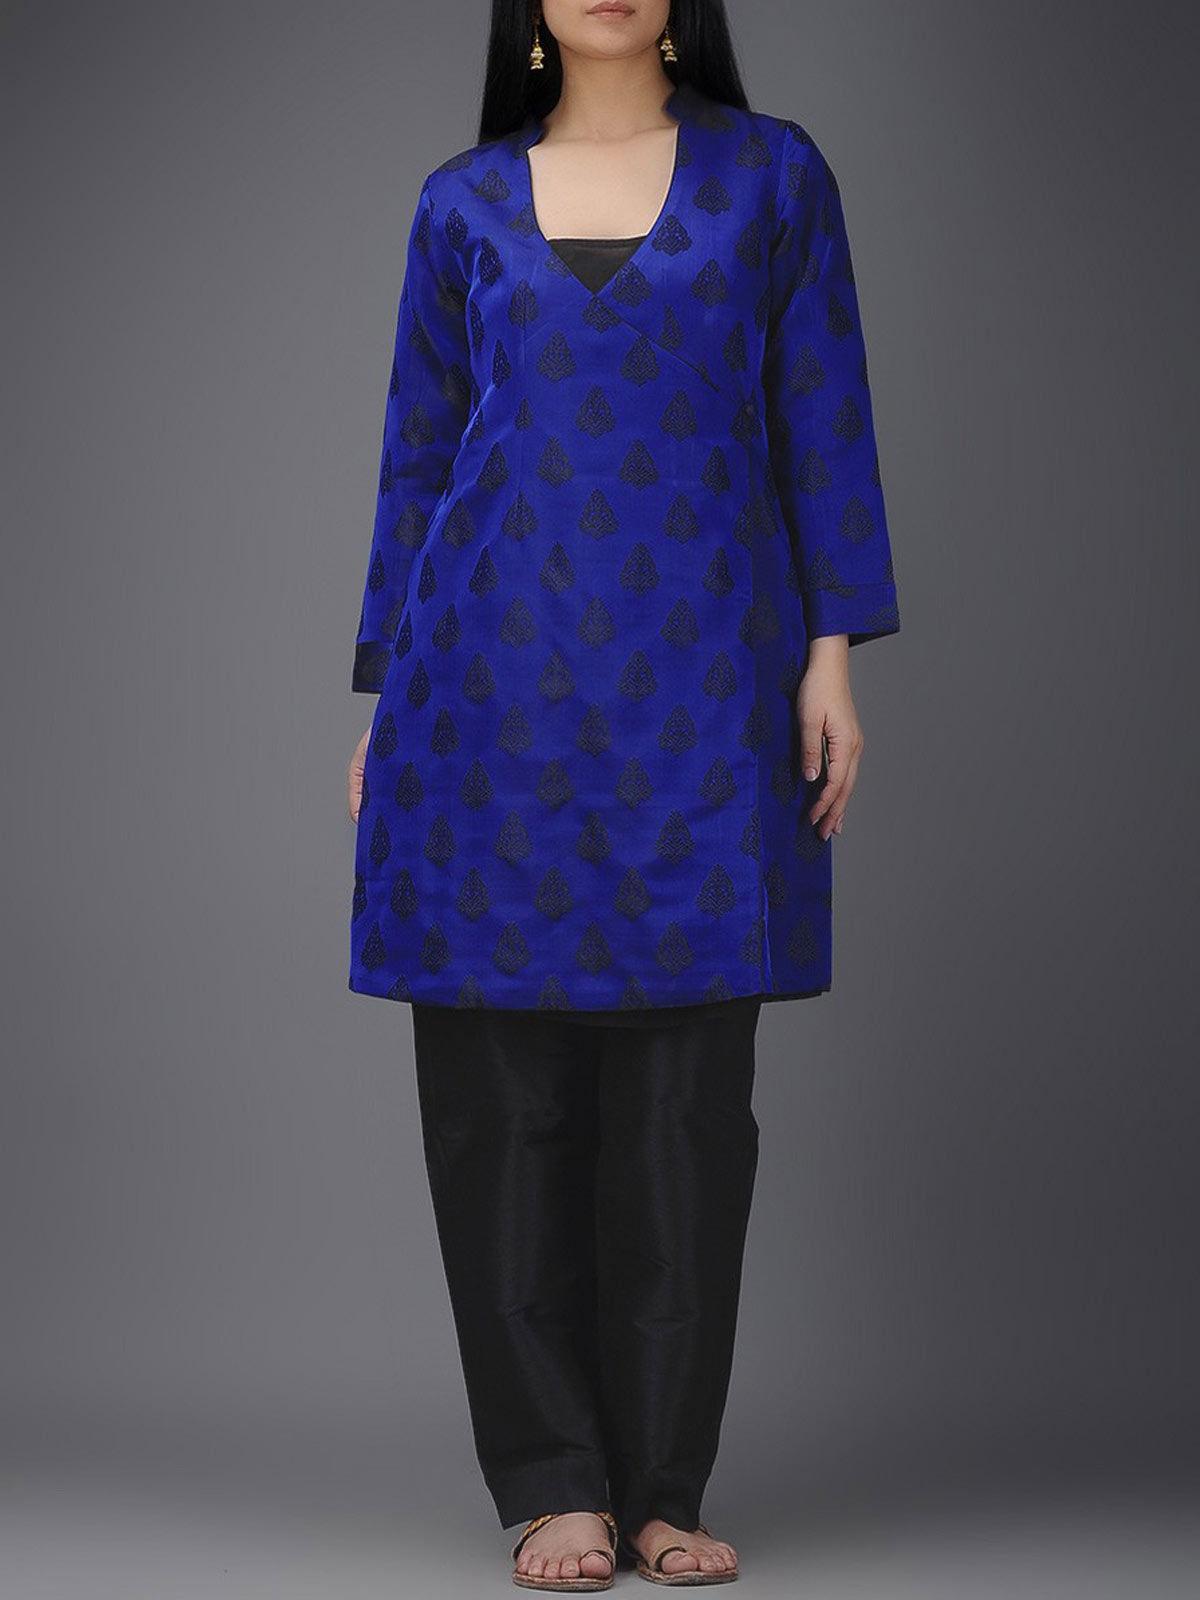 Ink blue silk tanchoi angarakha kurta